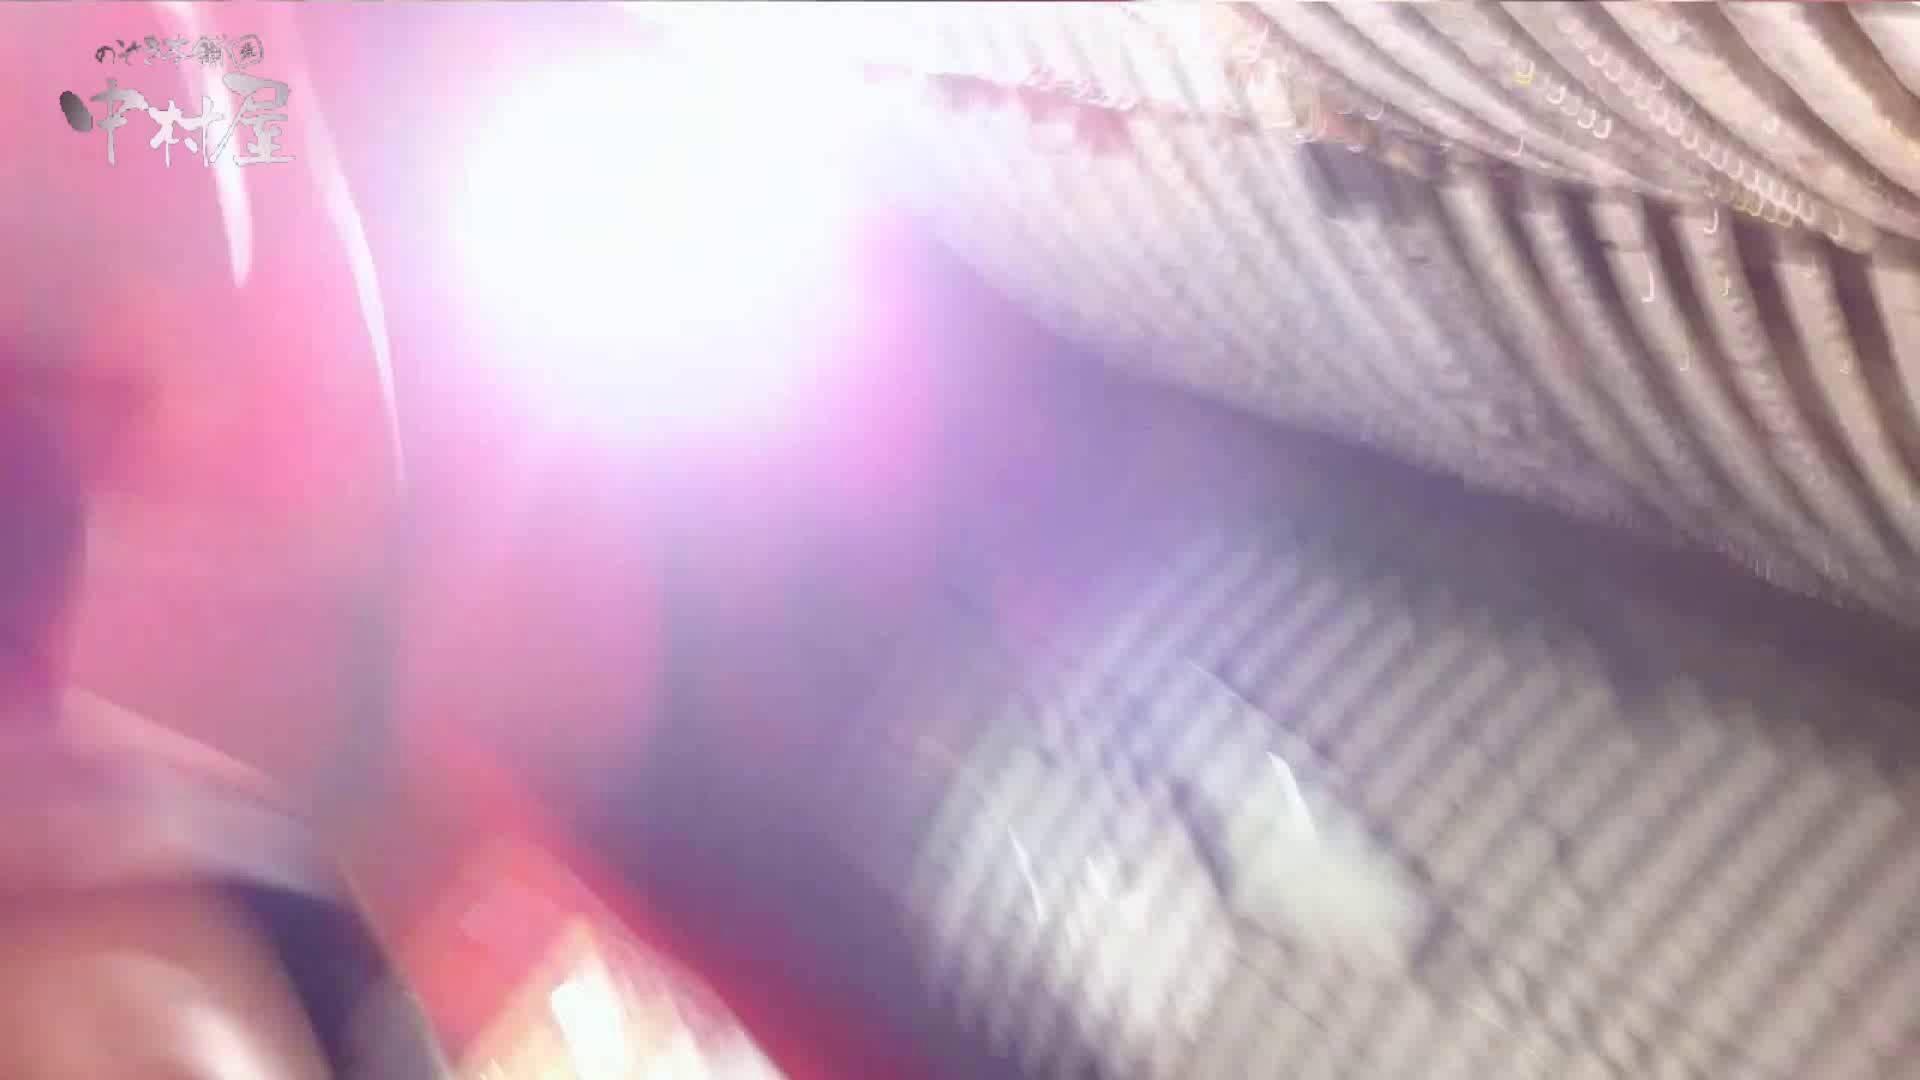 vol.83 美人アパレル胸チラ&パンチラ 赤Tバック店員さんいらっしゃい 胸チラ 盗撮AV動画キャプチャ 94連発 11